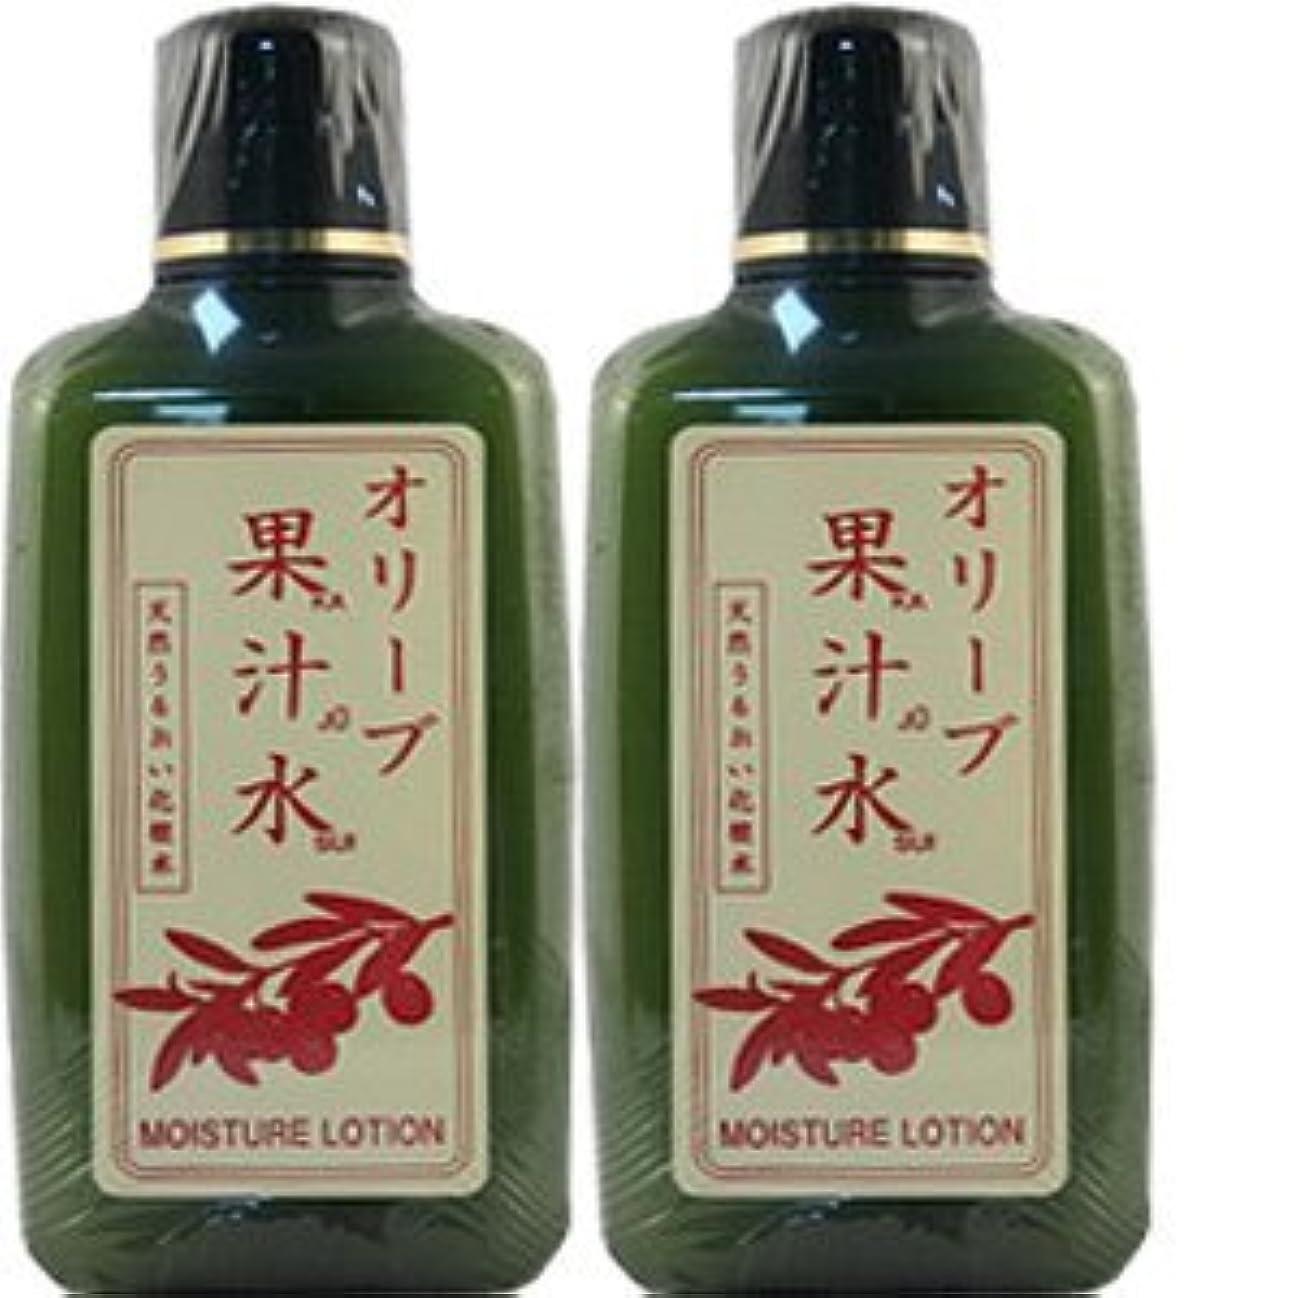 前に特異な許す【2本】 オリーブマノン オリーブ果汁水 180mlx2個(4965363003982)